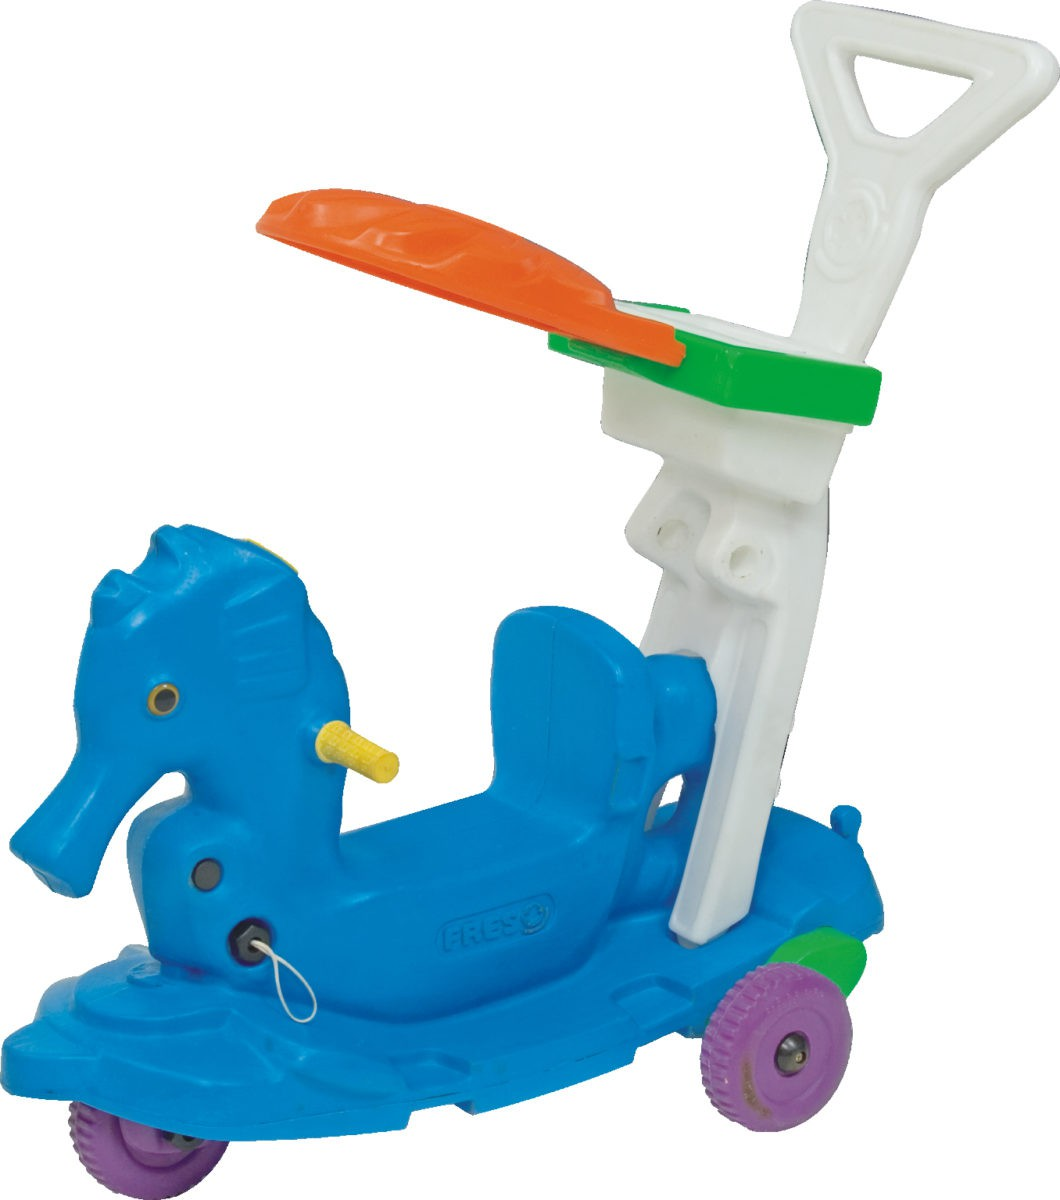 Cavalo Marinho Baby 3 em 1  - Gutana Brinquedos